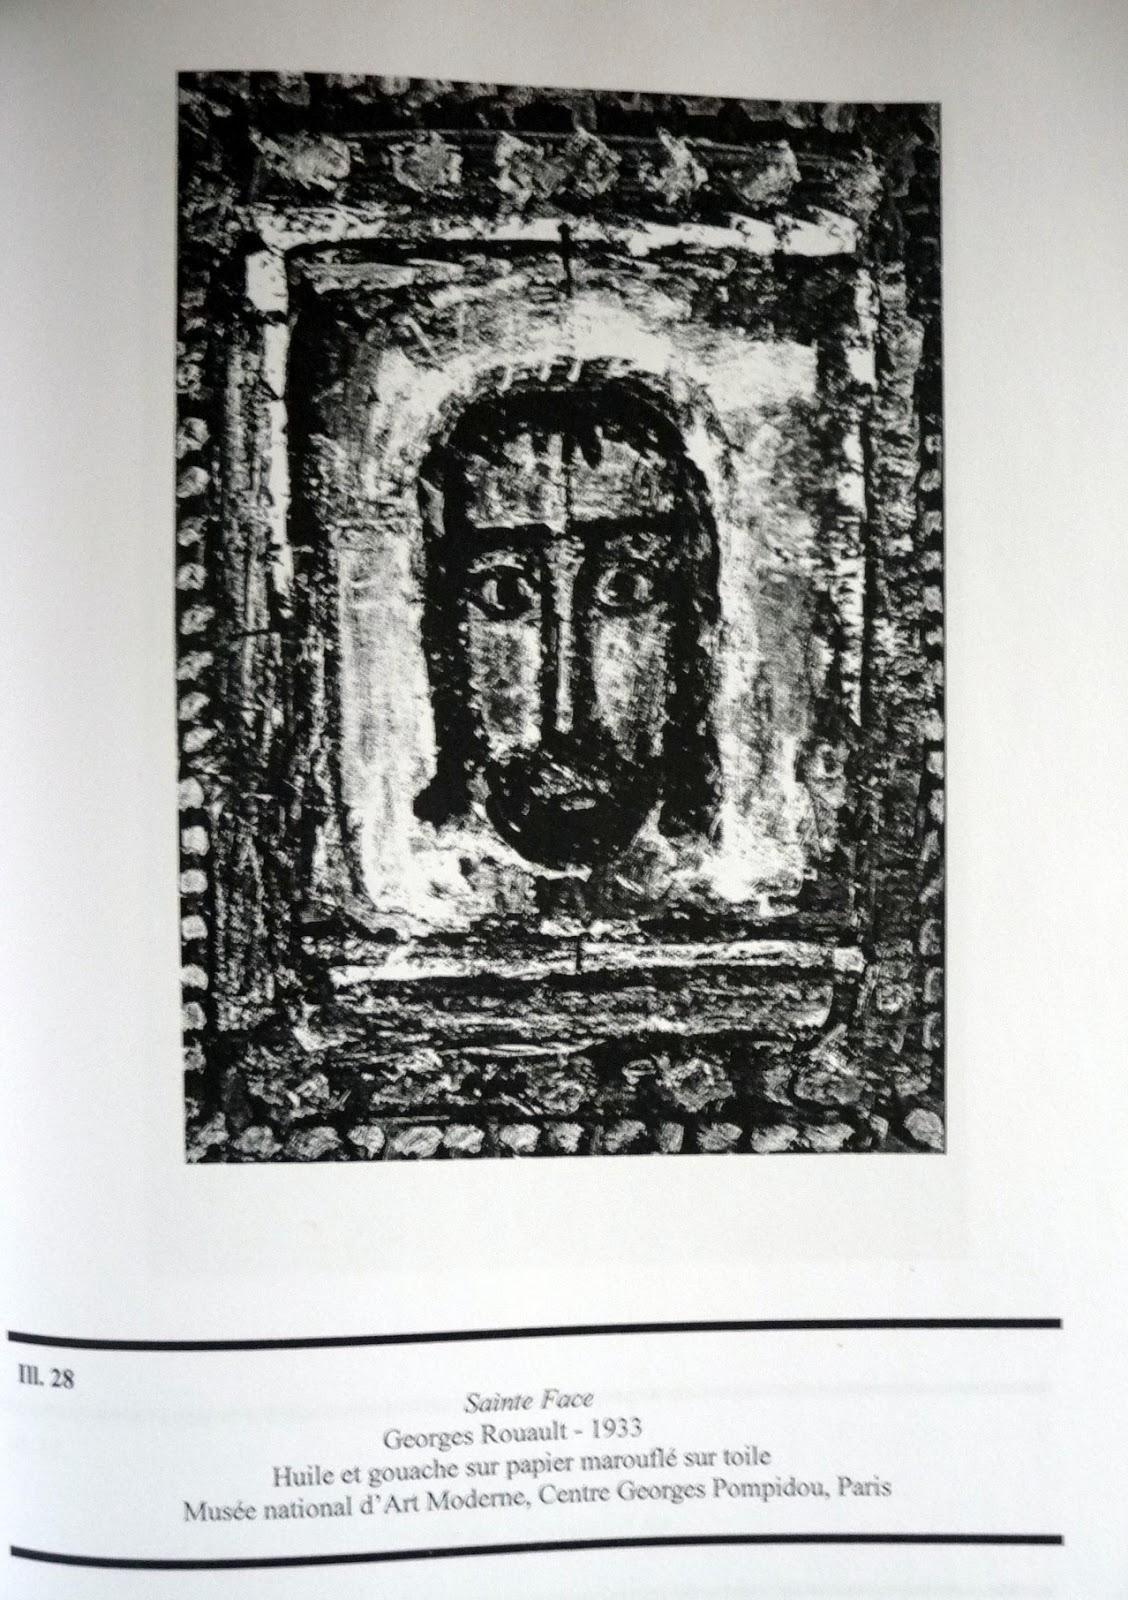 La face est allongée, cernée de puissants traits noirs qui sont aussi les  représentations des yeux, des cheveux, de la barbe et ... fd0f135f237